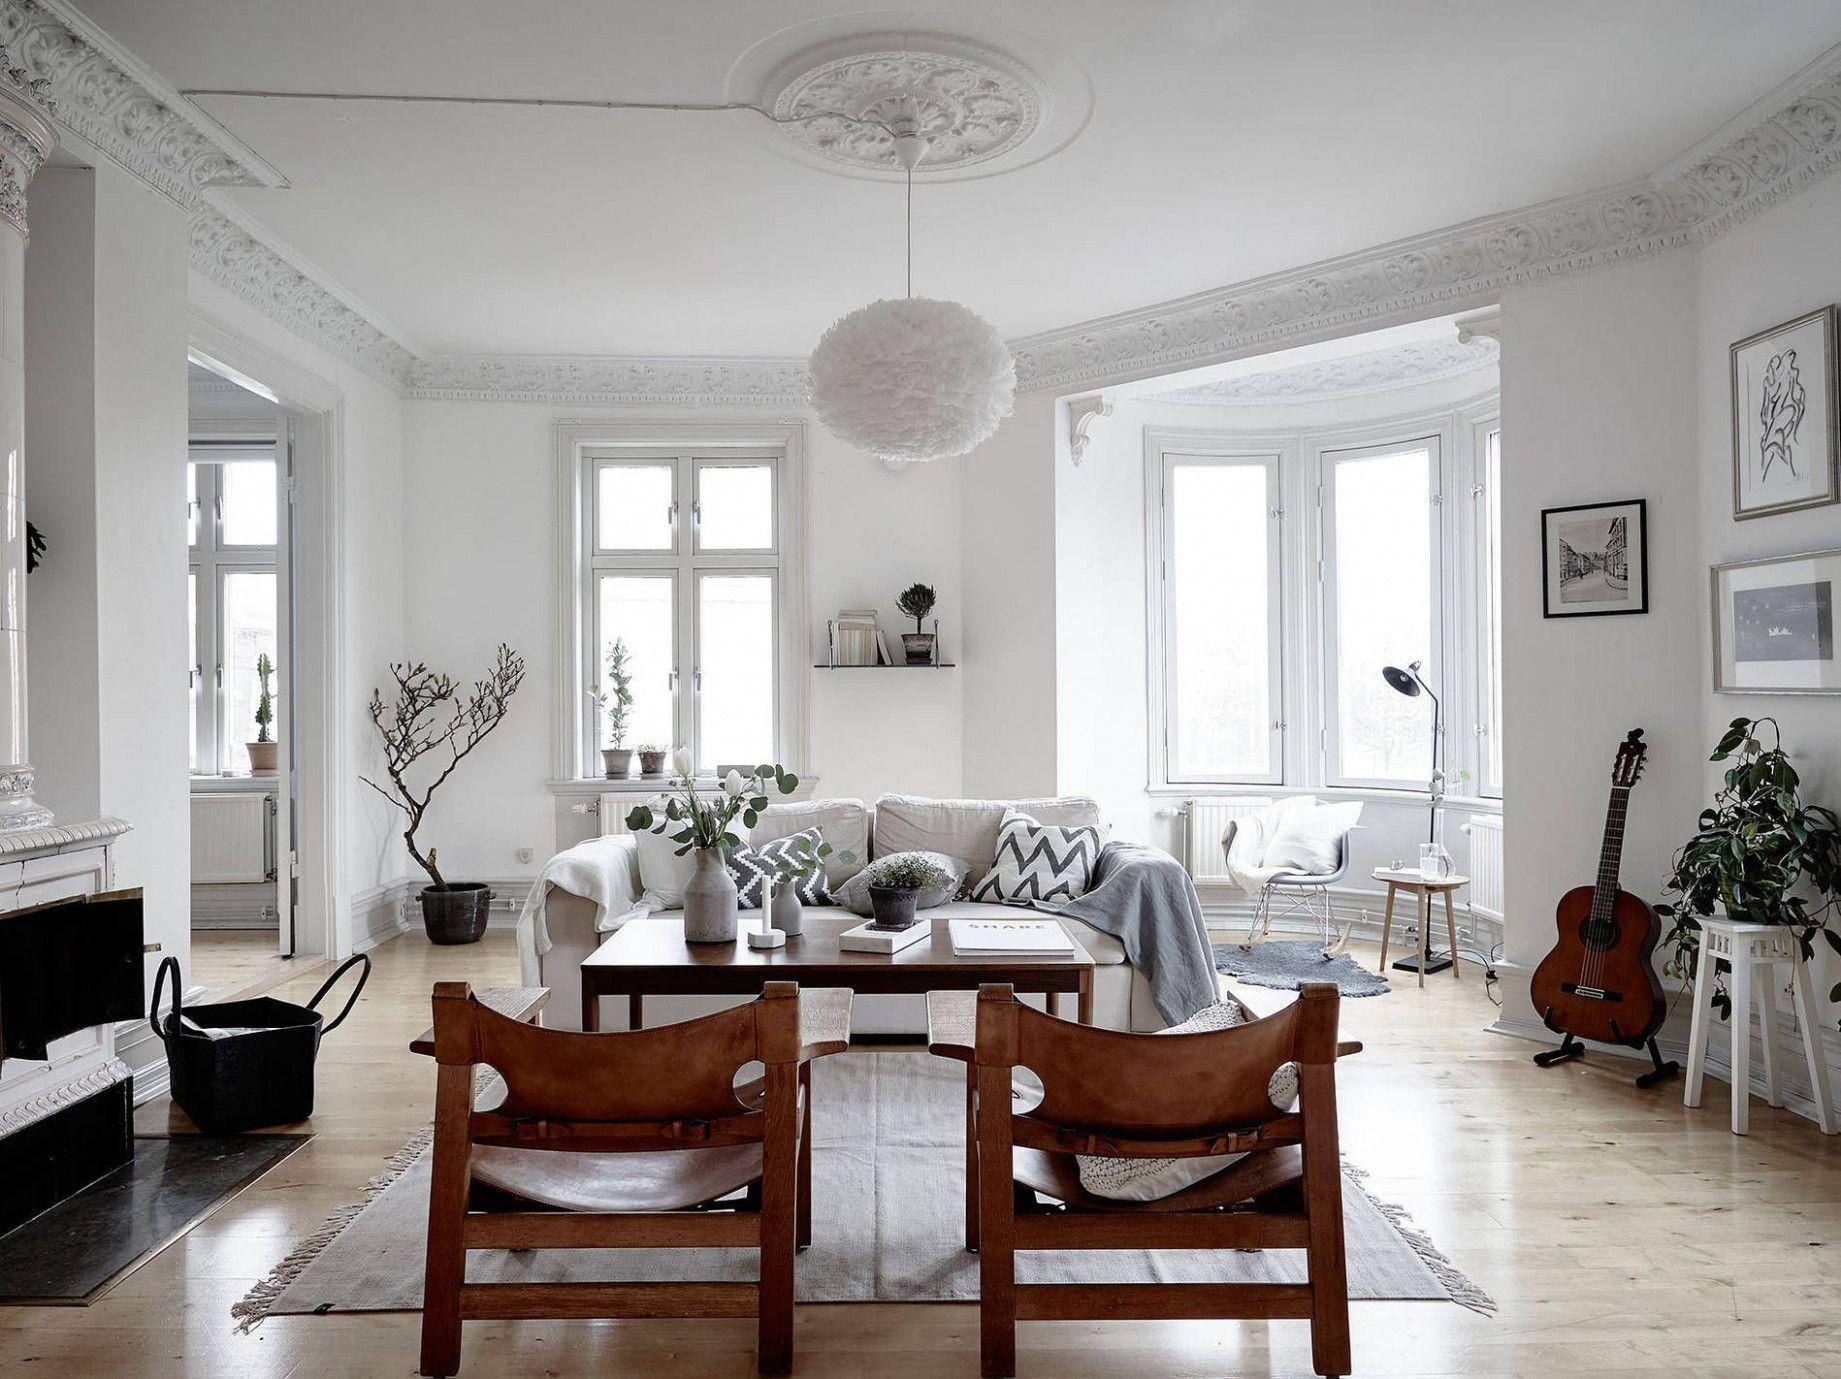 5 Altbau Wohnzimmer Lampe in 5  Altbauwohnung, Wohnung